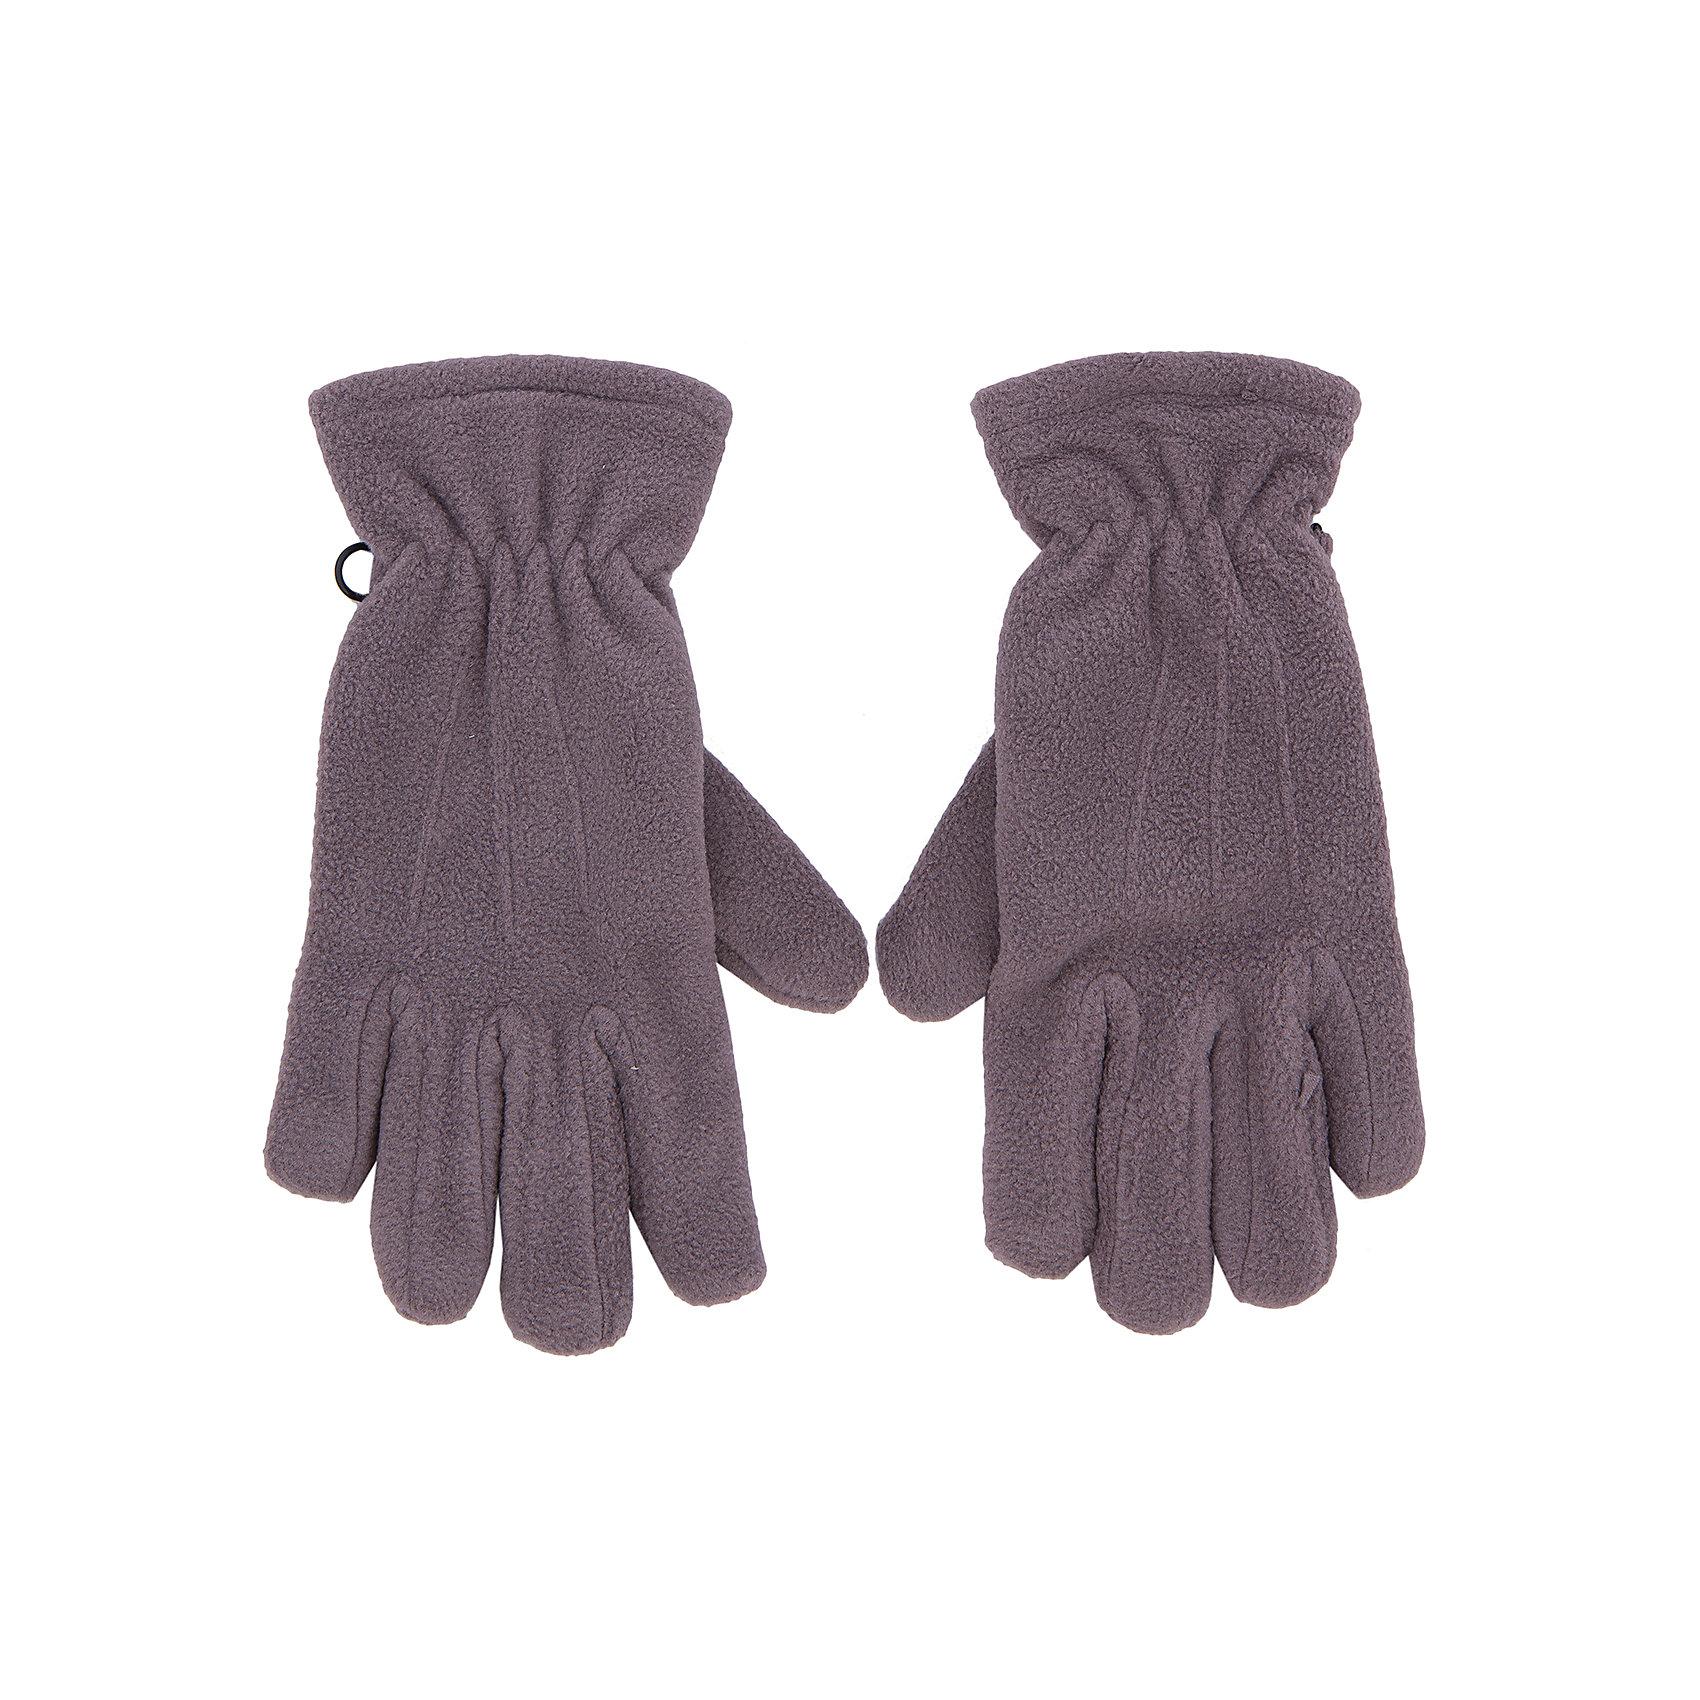 Перчатки для мальчика SELAДетская одежда от SELA - это качество и отличные цены. Стильные и оригинальные перчатки для мальчика – необходимая новинка для ребенка из новой коллекции.  Цвета данной модели отличаются своей практичностью и универсальностью.<br>У перчаток есть внутренняя вшитая резинка, которая защищает детскую руку от соскальзывания изделия и дополнительно защищает от ветра. Материал модели приятен на ощупь внутри и снаружи, а так же легко очищается от любых загрязнений.  <br>Все материалы, использованные в создании изделия,  отвечают современным требованиям по качеству и безопасности продукции. <br><br>Дополнительная информация:<br><br>цвет: серо-коричневый;<br>состав: 100% ПЭ.<br><br>Перчатки для мальчика от компании SELA можно купить в нашем магазине.<br><br>Ширина мм: 162<br>Глубина мм: 171<br>Высота мм: 55<br>Вес г: 119<br>Цвет: коричневый<br>Возраст от месяцев: 120<br>Возраст до месяцев: 156<br>Пол: Мужской<br>Возраст: Детский<br>Размер: 18,16<br>SKU: 4913028